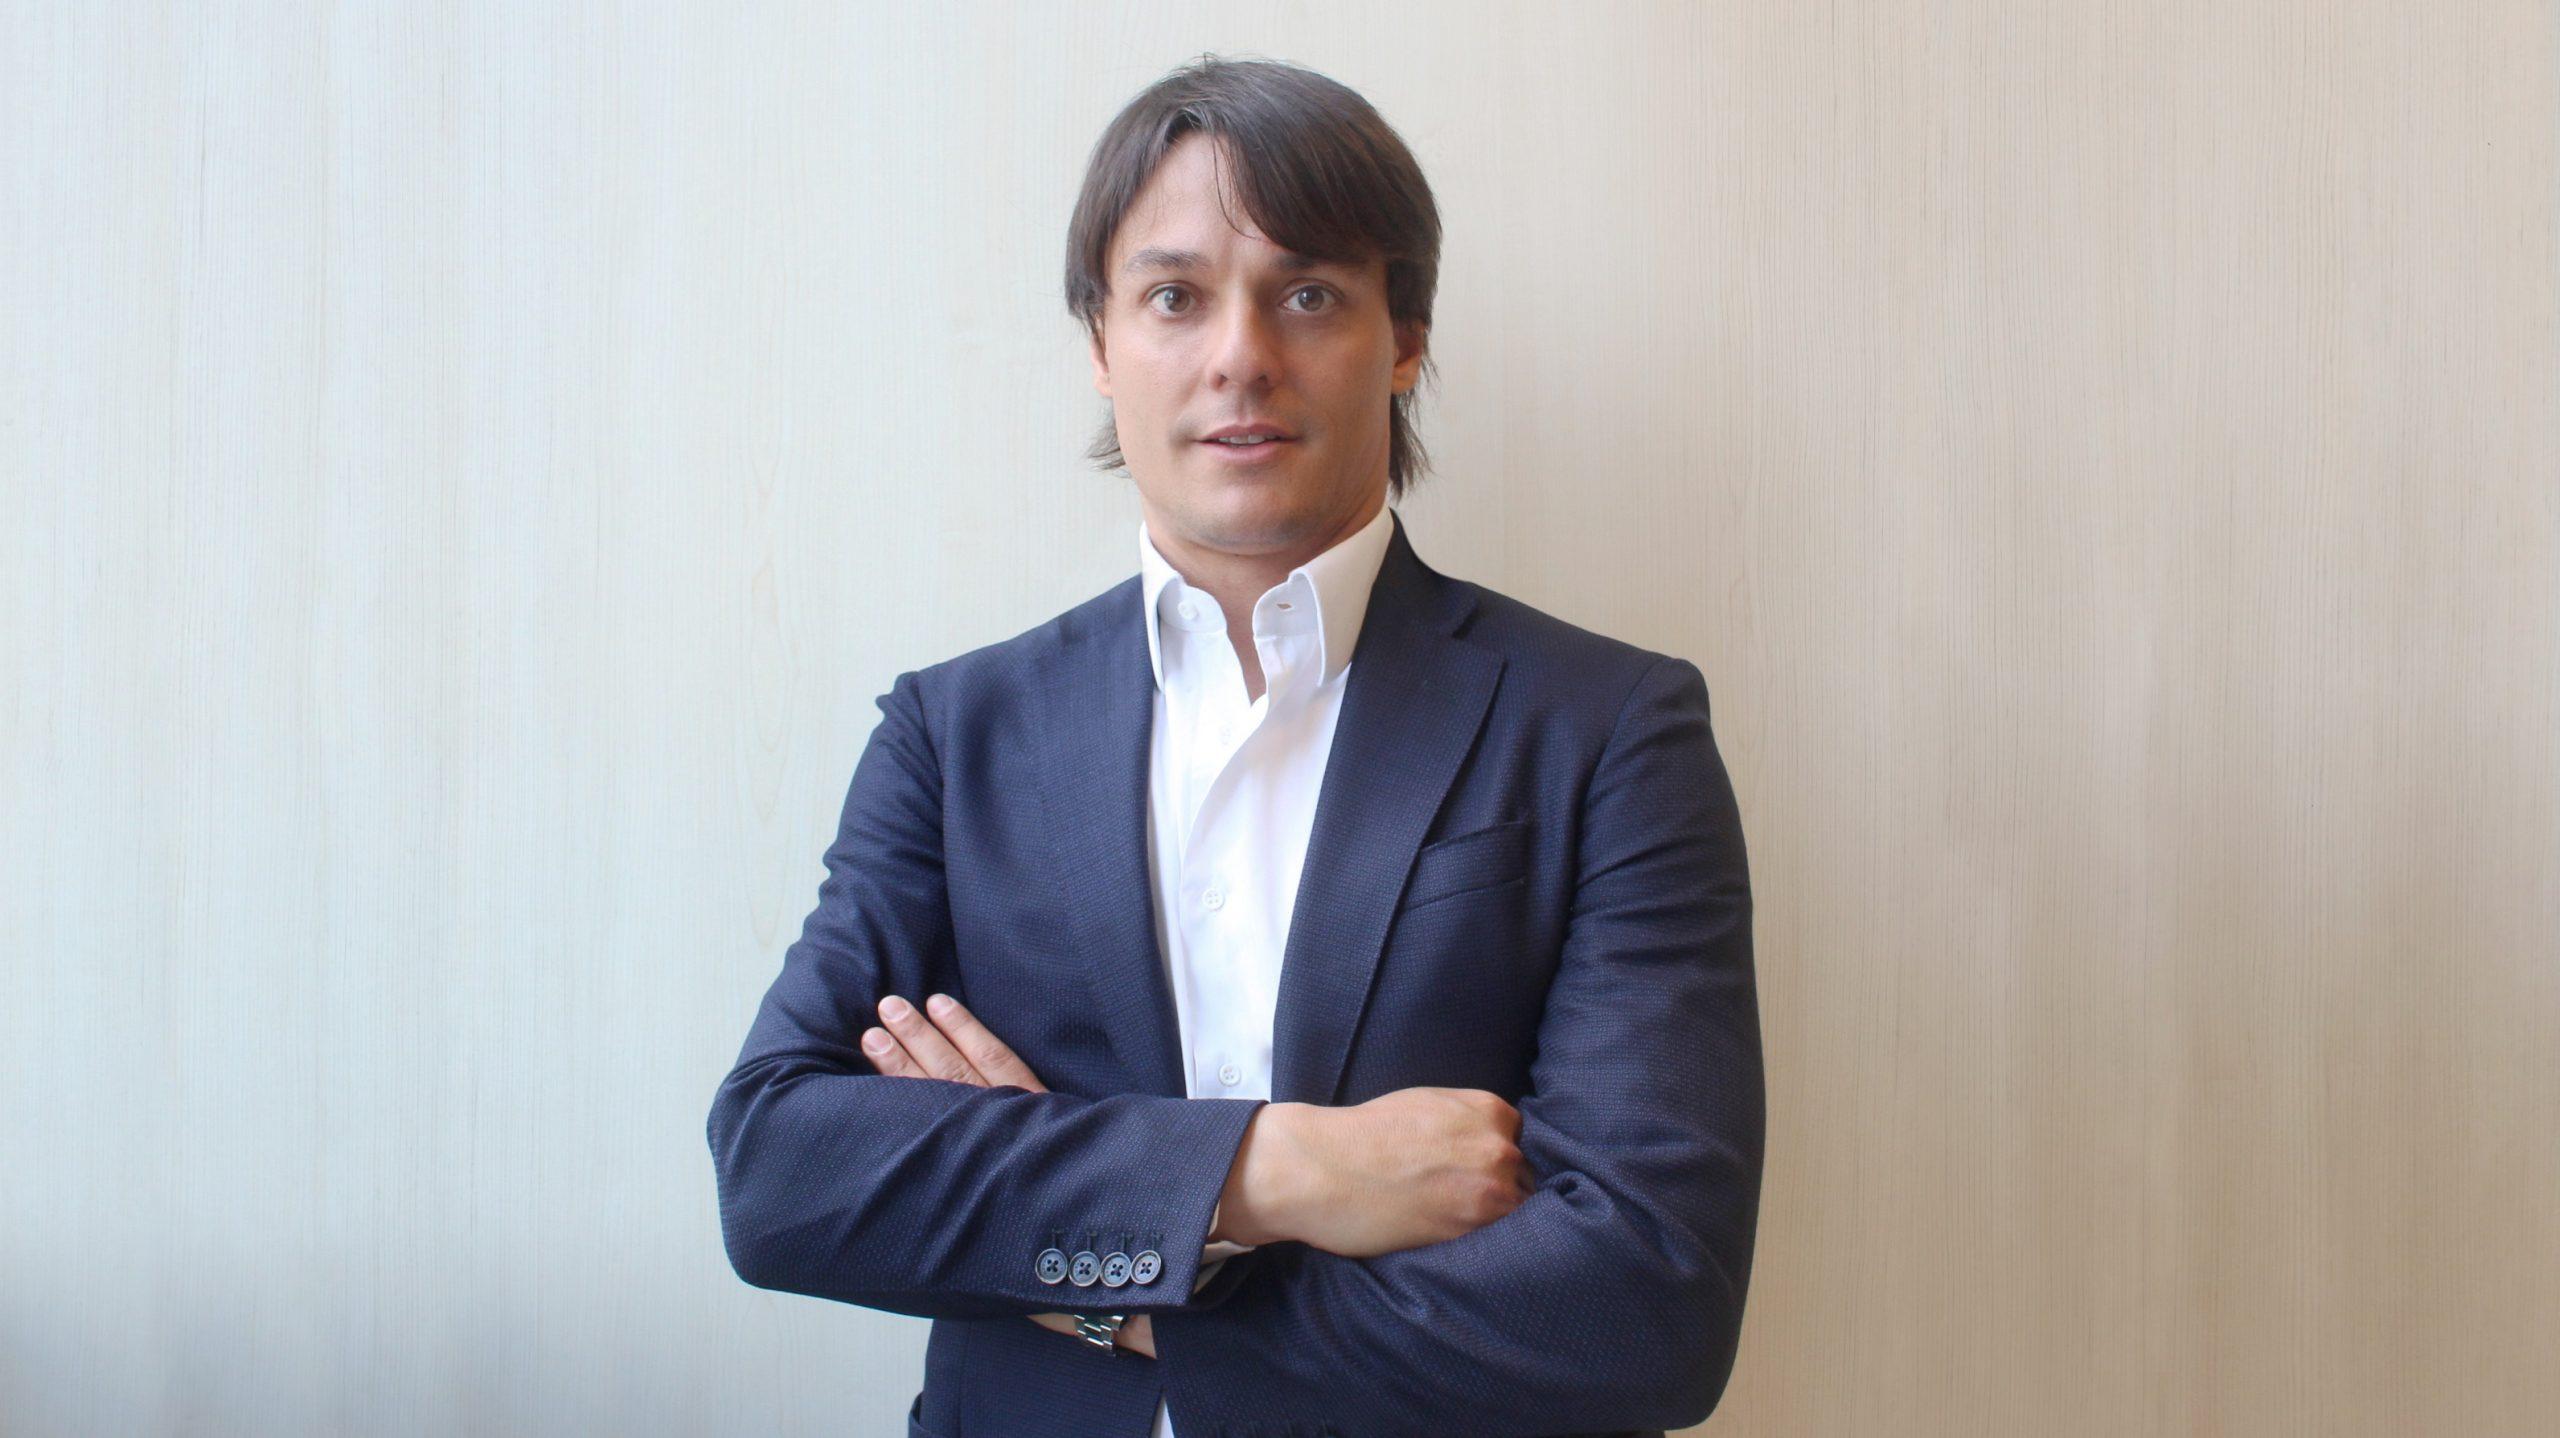 OPPO Italia: Guido Guerrini è il nuovo Sales Director